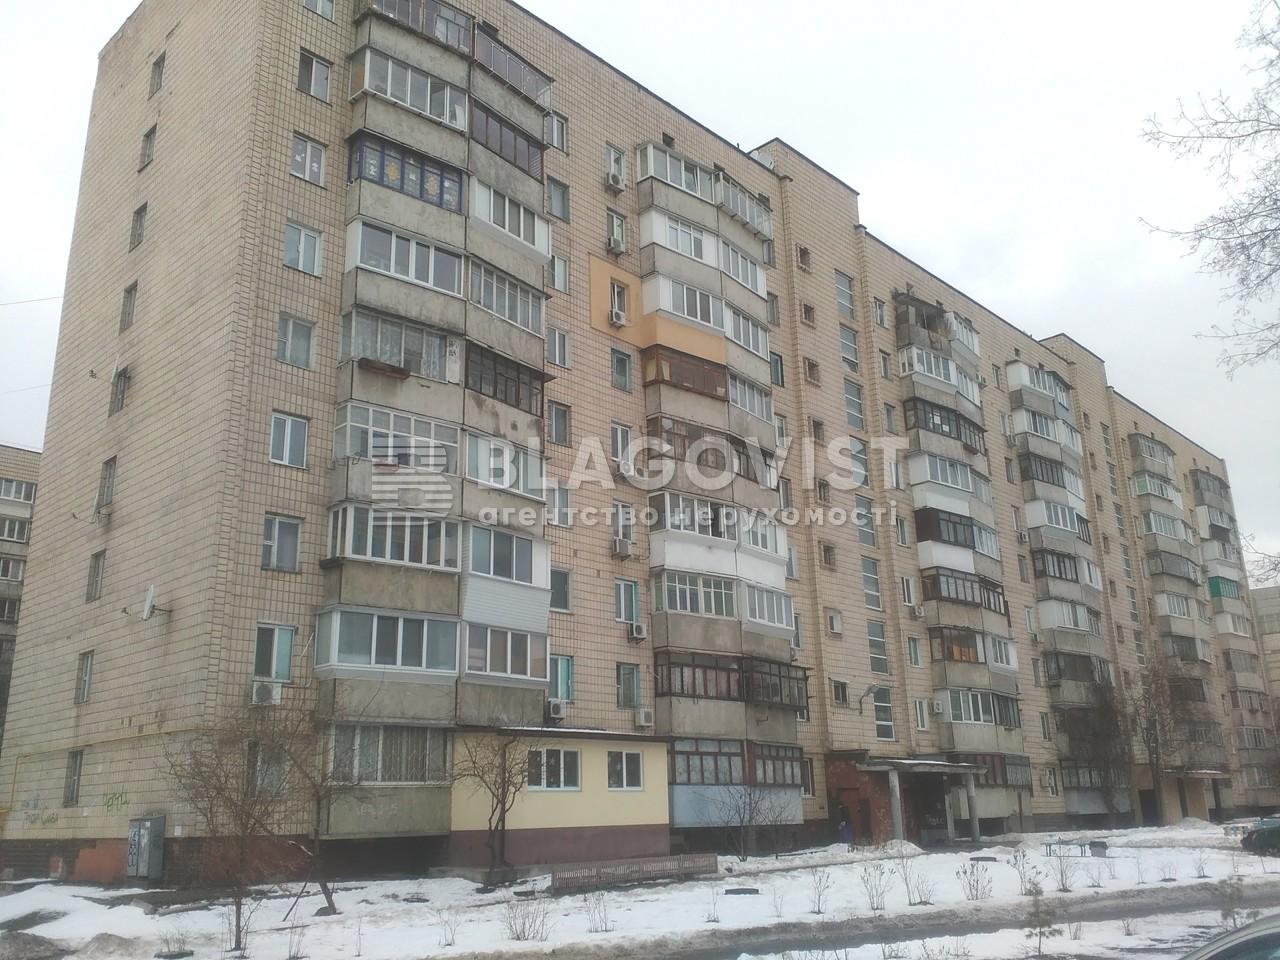 Квартира C-107021, Волго-Донский пер., 1, Киев - Фото 1